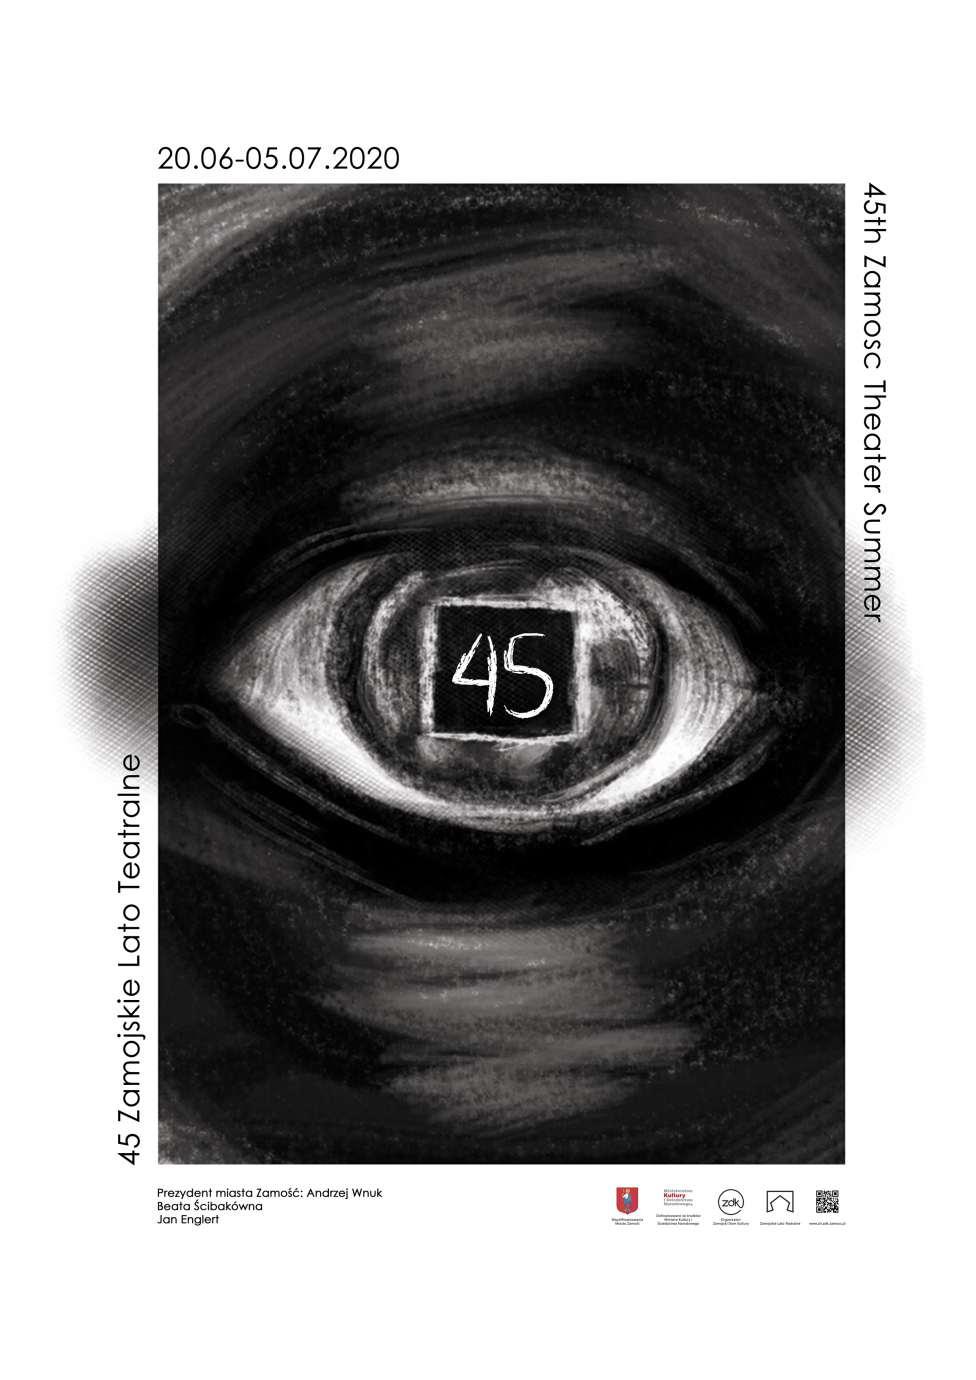 bojar katarzyna wyroznienie 1 Rozstrzygnięto konkurs na plakat 45. Zamojskiego Lata Teatralnego